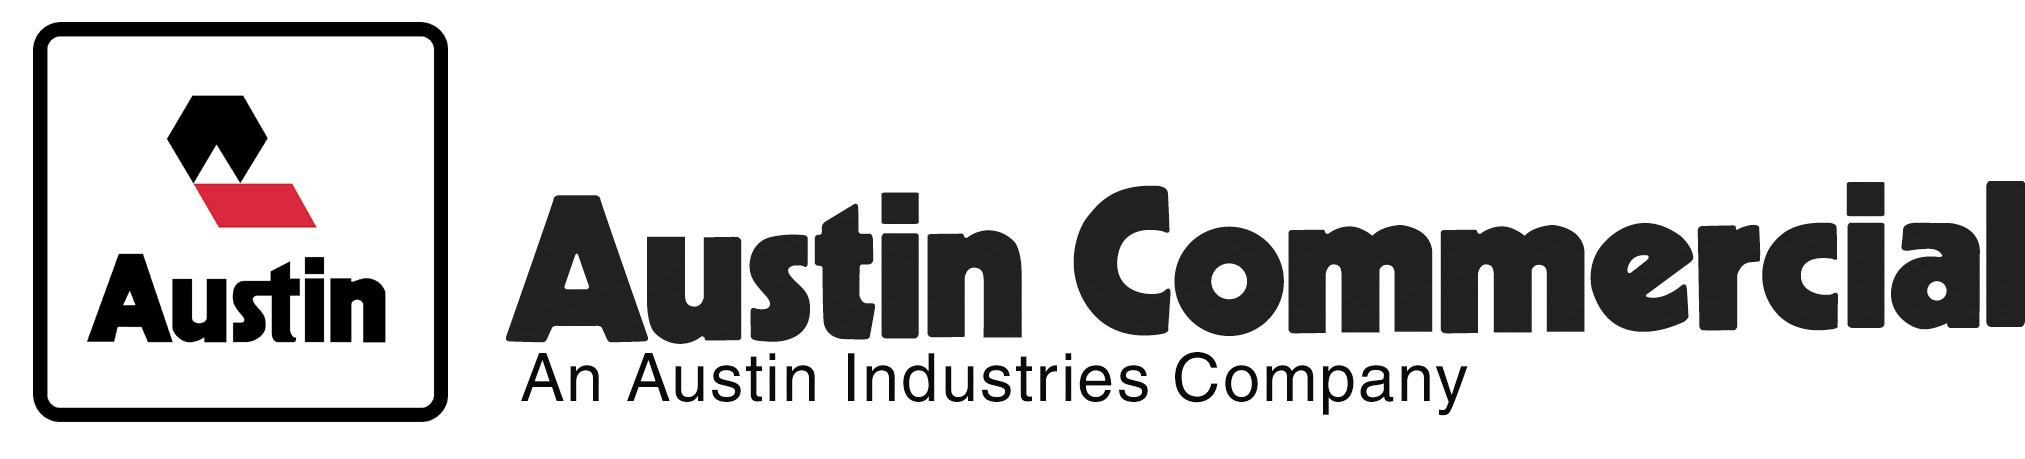 Austin-commercial